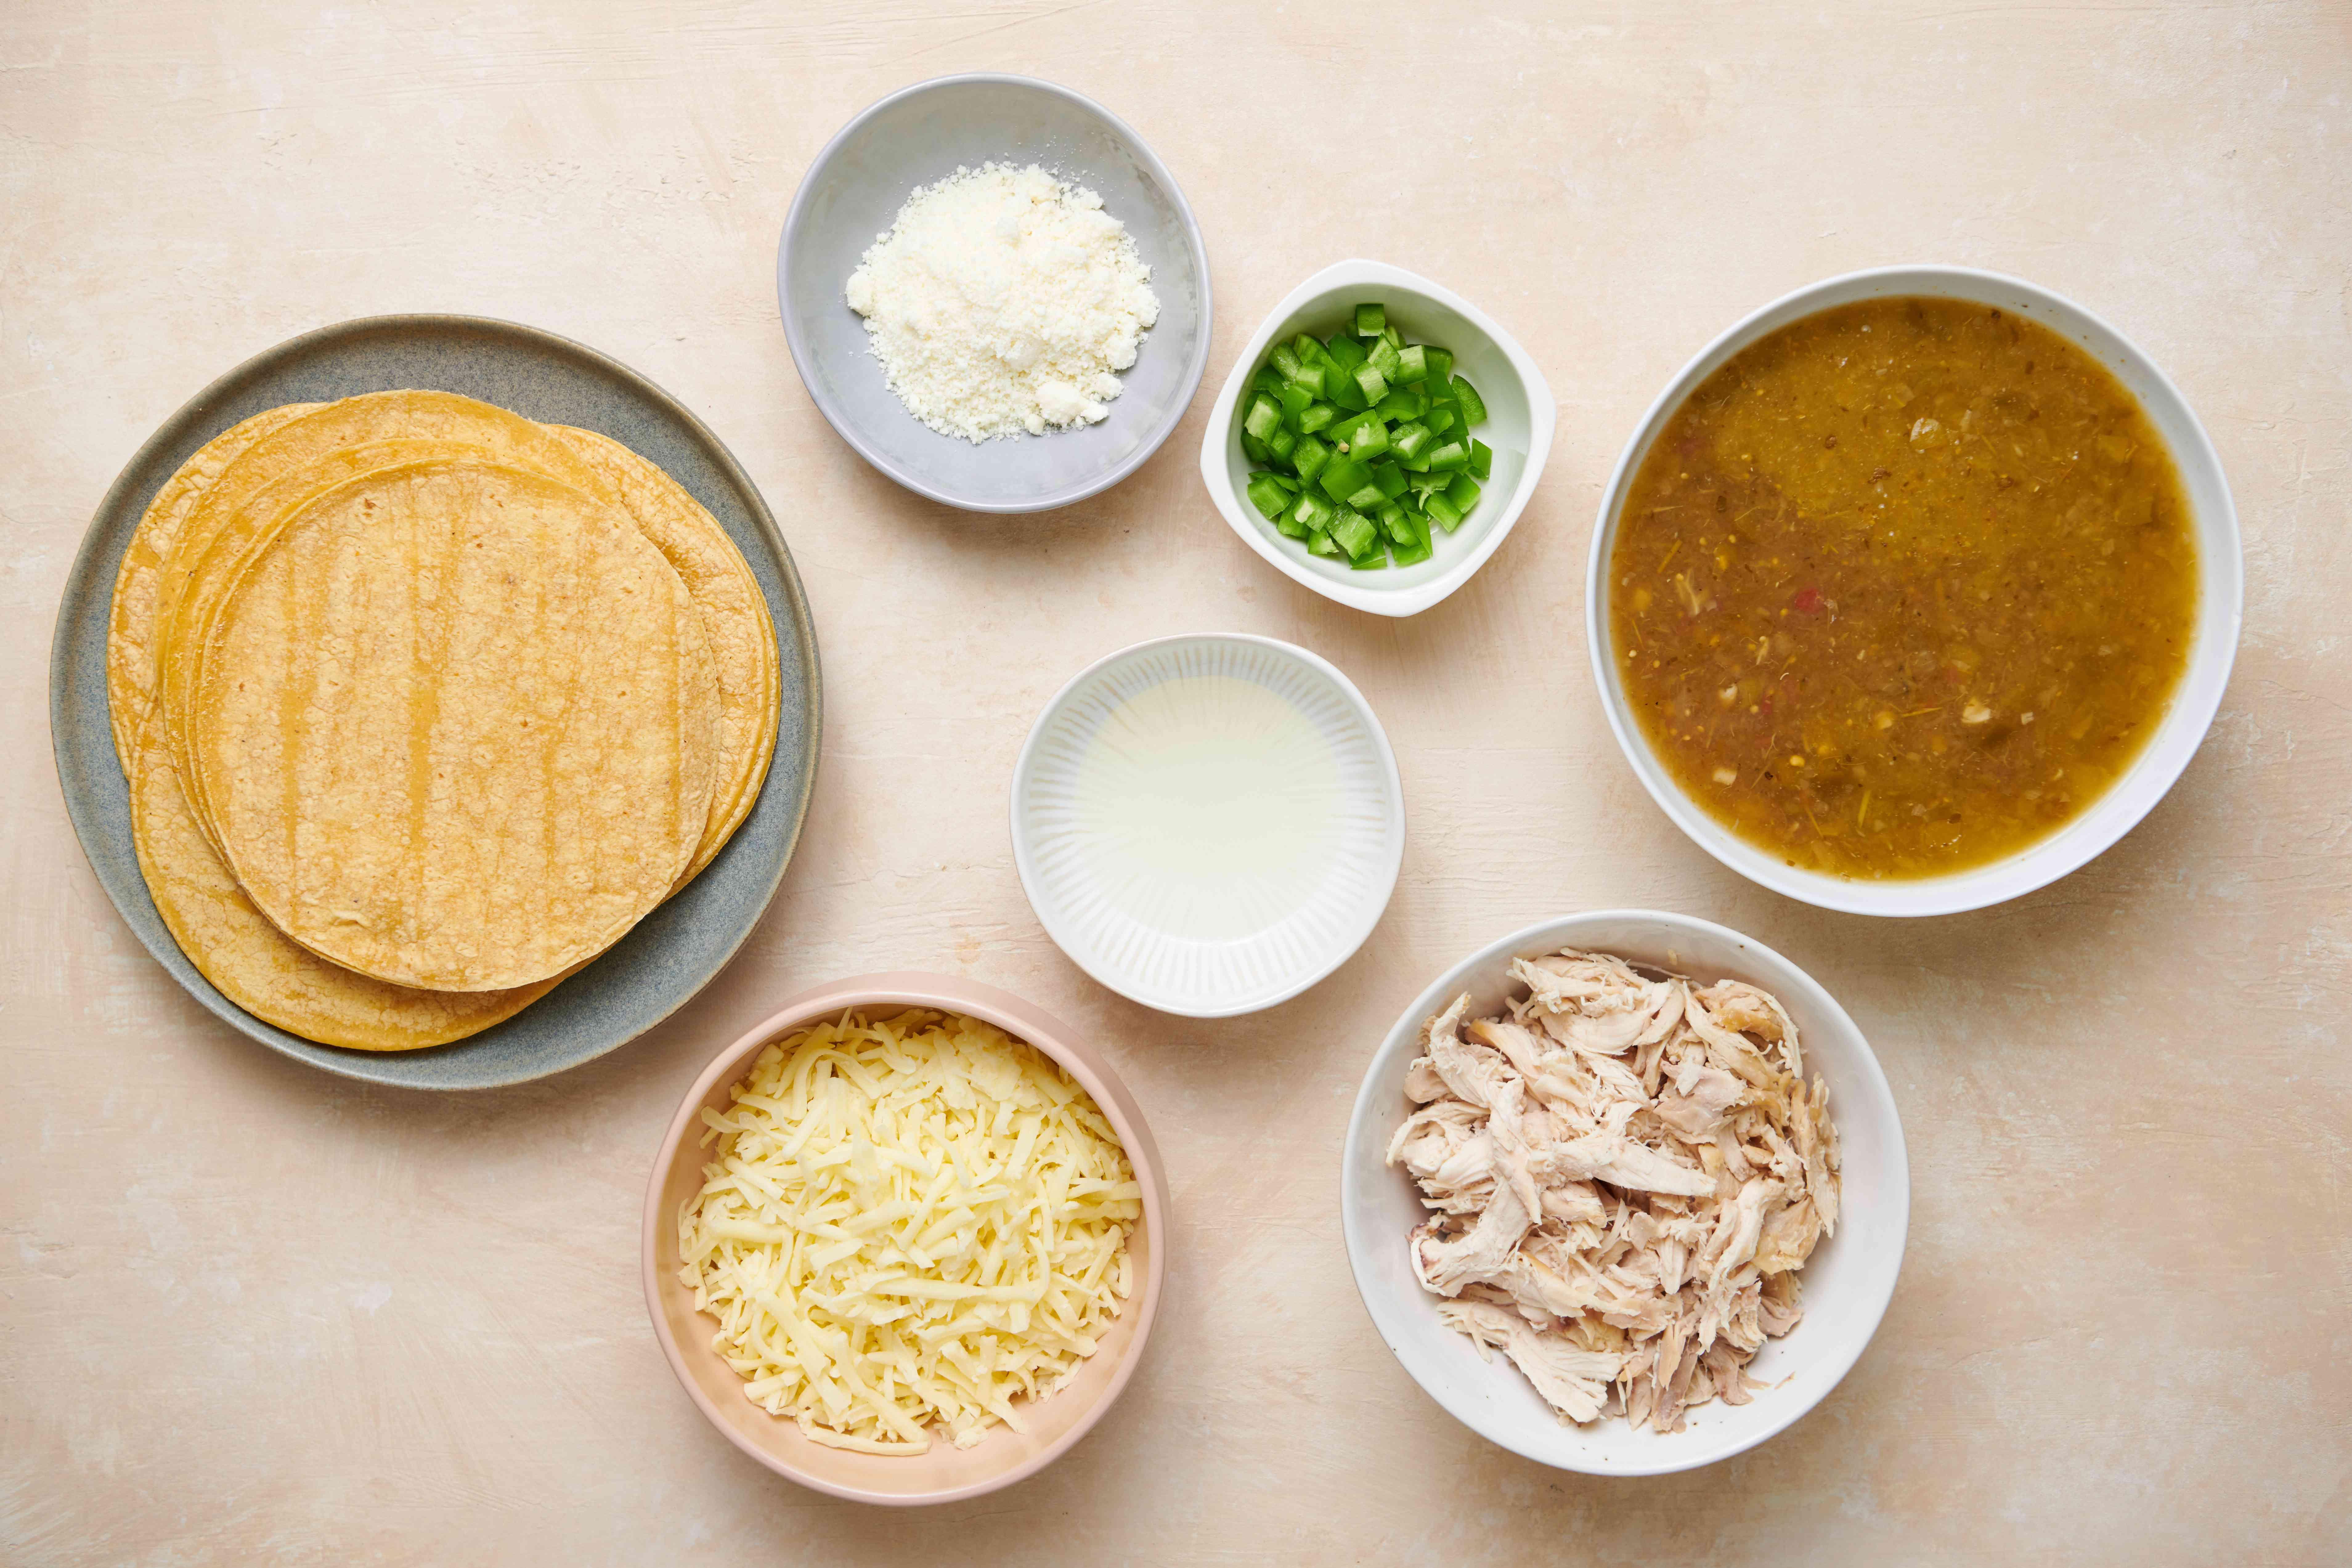 Ingredients for enchiladas verde with chicken